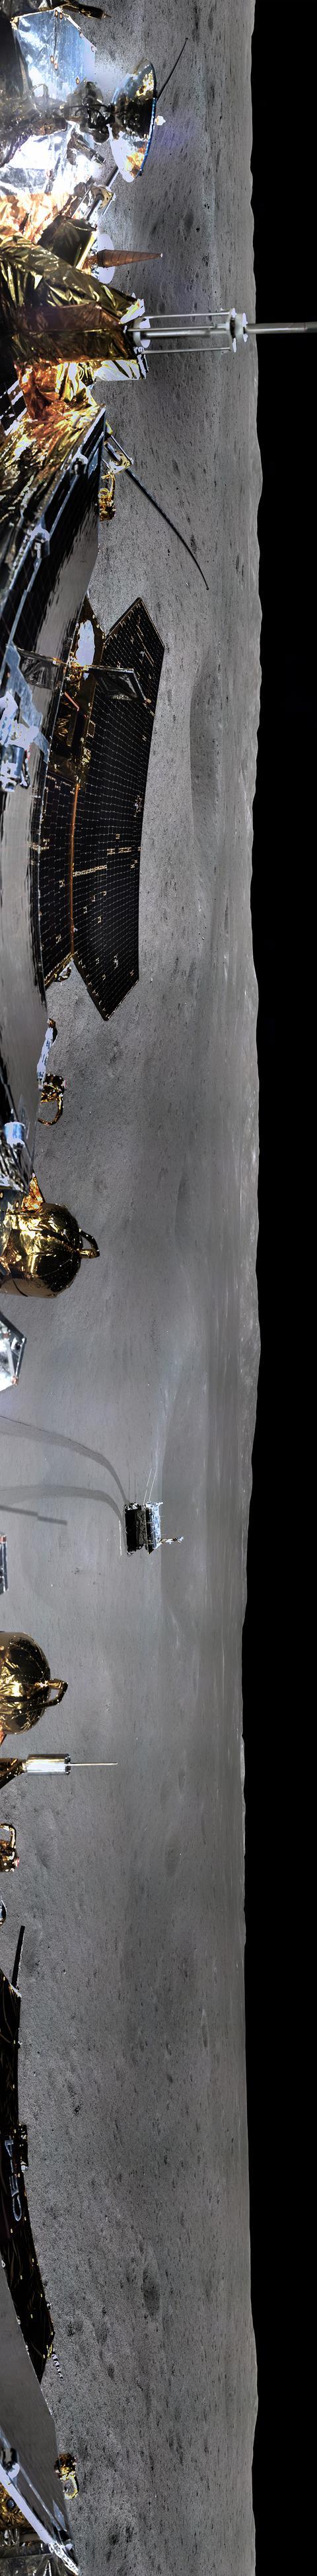 震撼!世界上第一张月球背面全景图来了